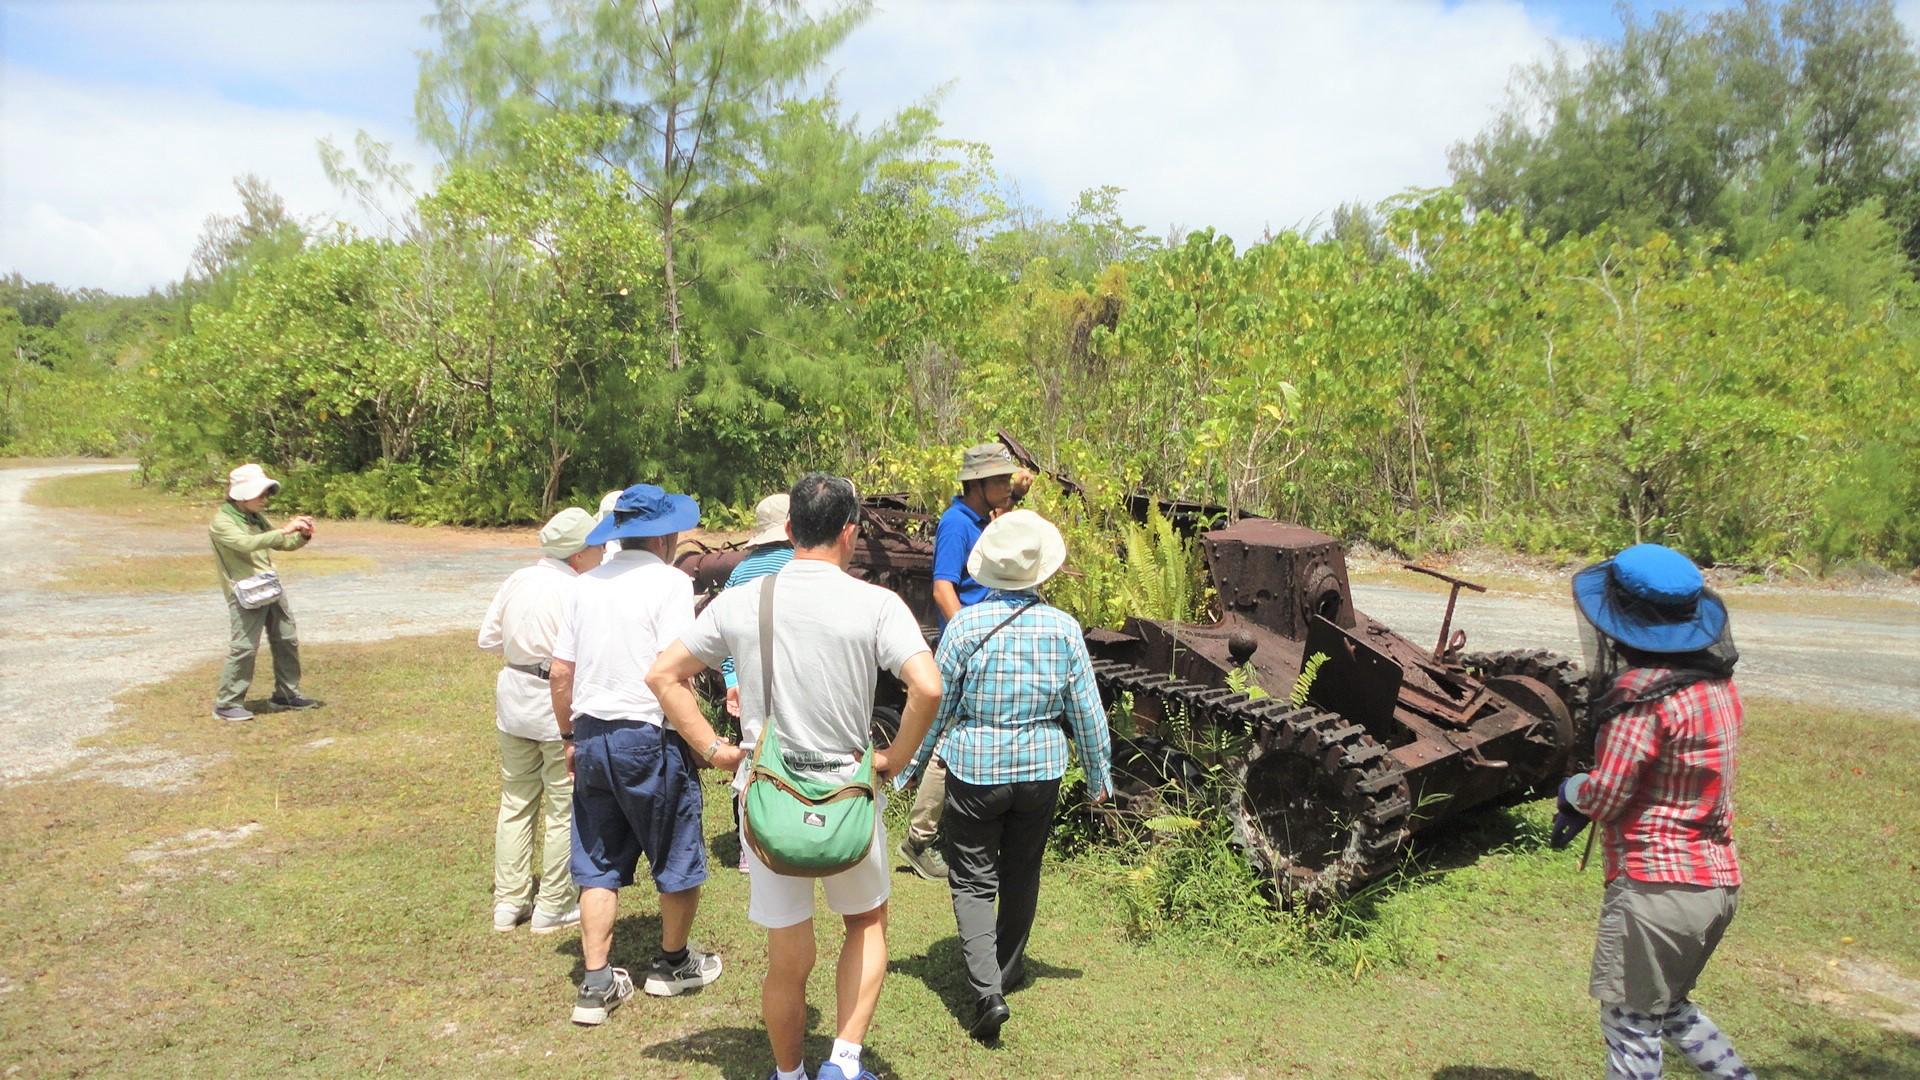 ペリュリュー島に残る日本軍の戦車